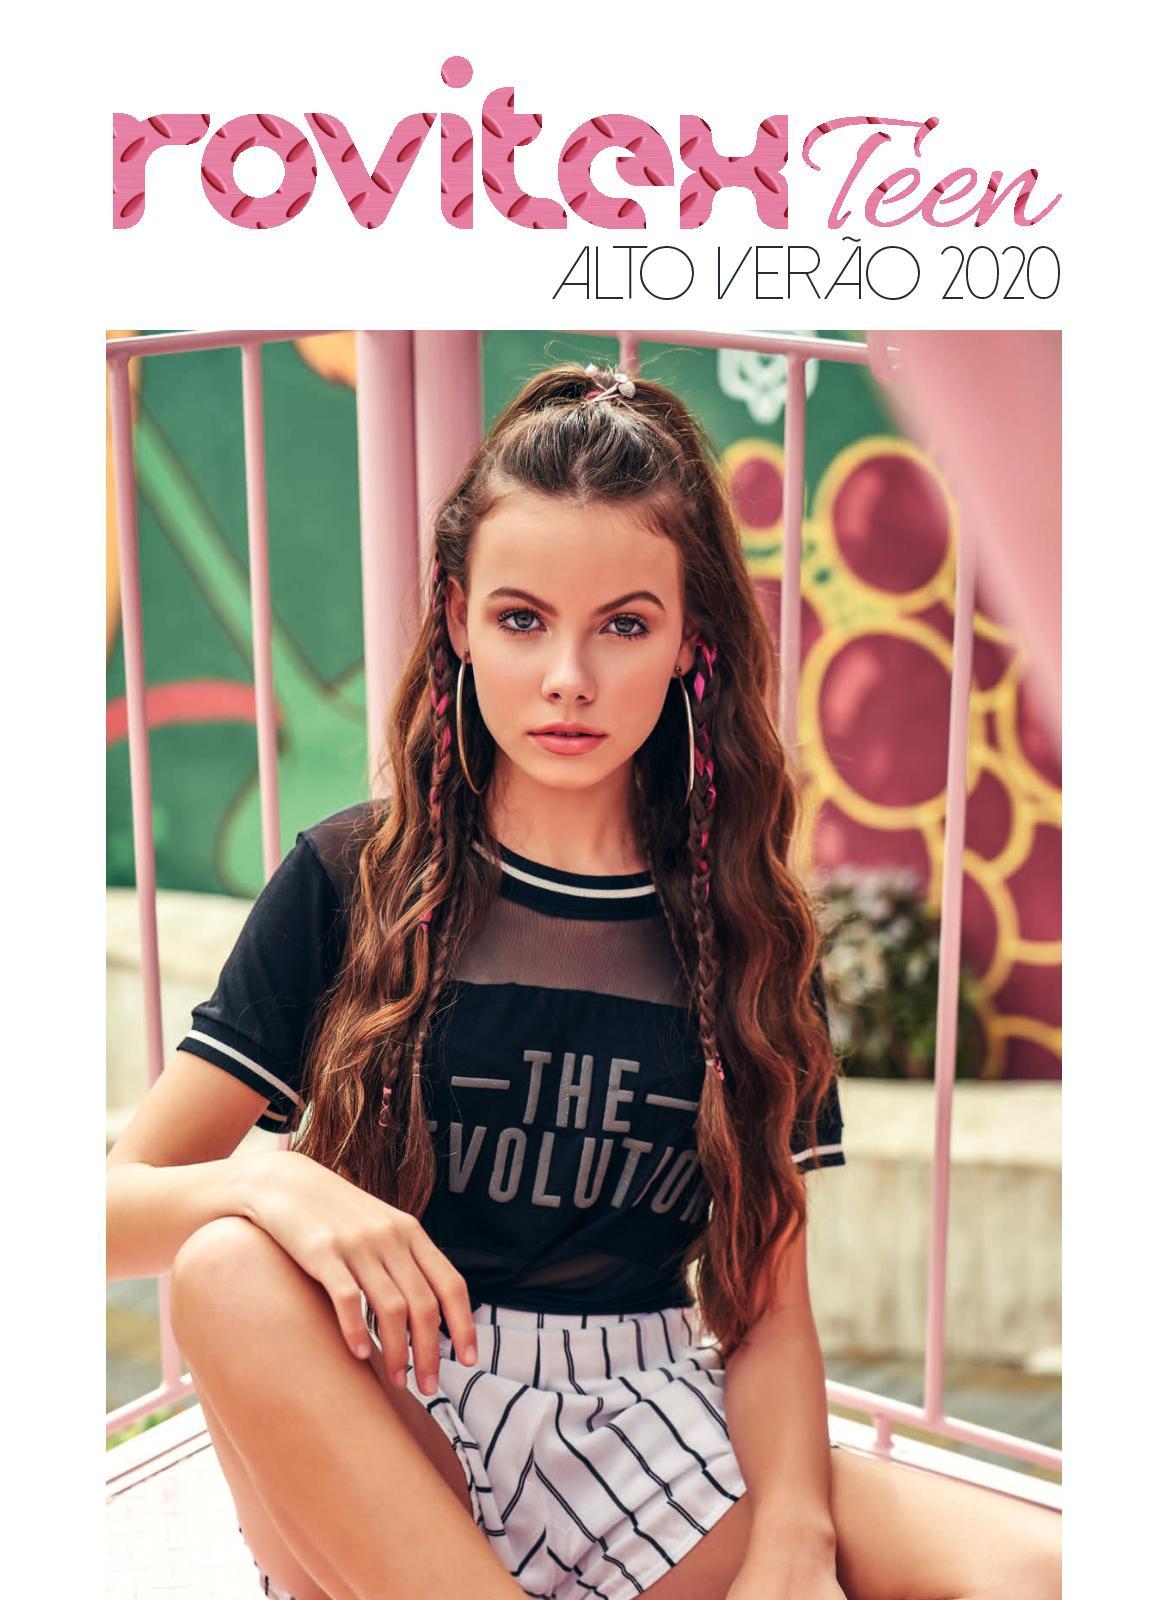 Rovitex Teen  Alto Verão 2020